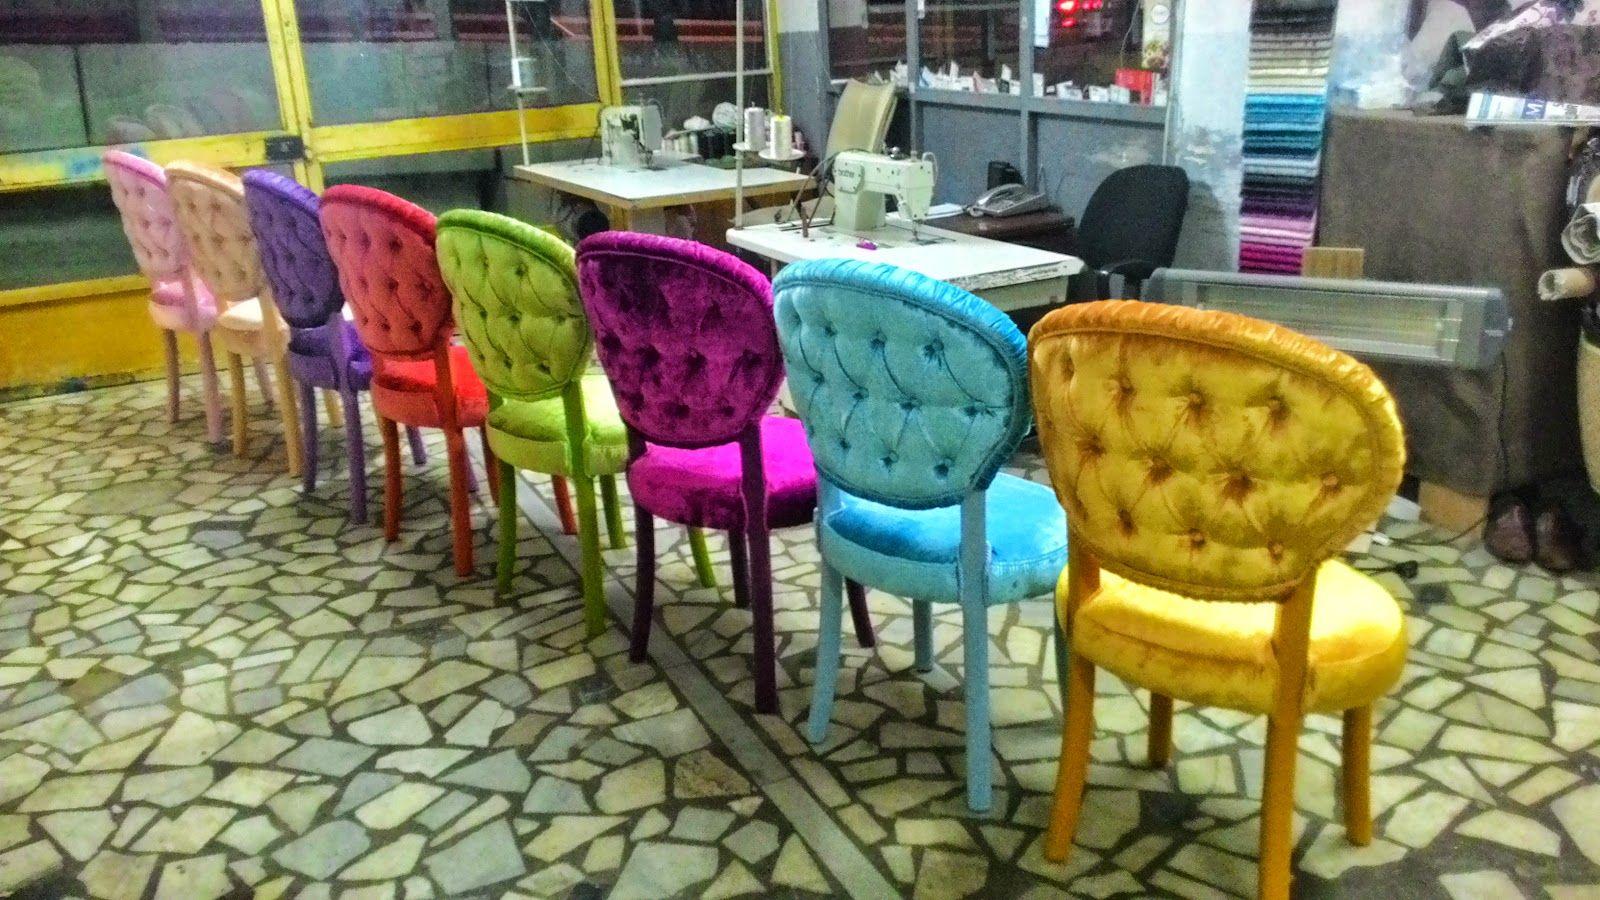 Yildiz Doseme Pendik Koltuk Kanepe Doseme Oval Sandalye Modelleri Sandalye Mobilya Fikirleri Koltuklar